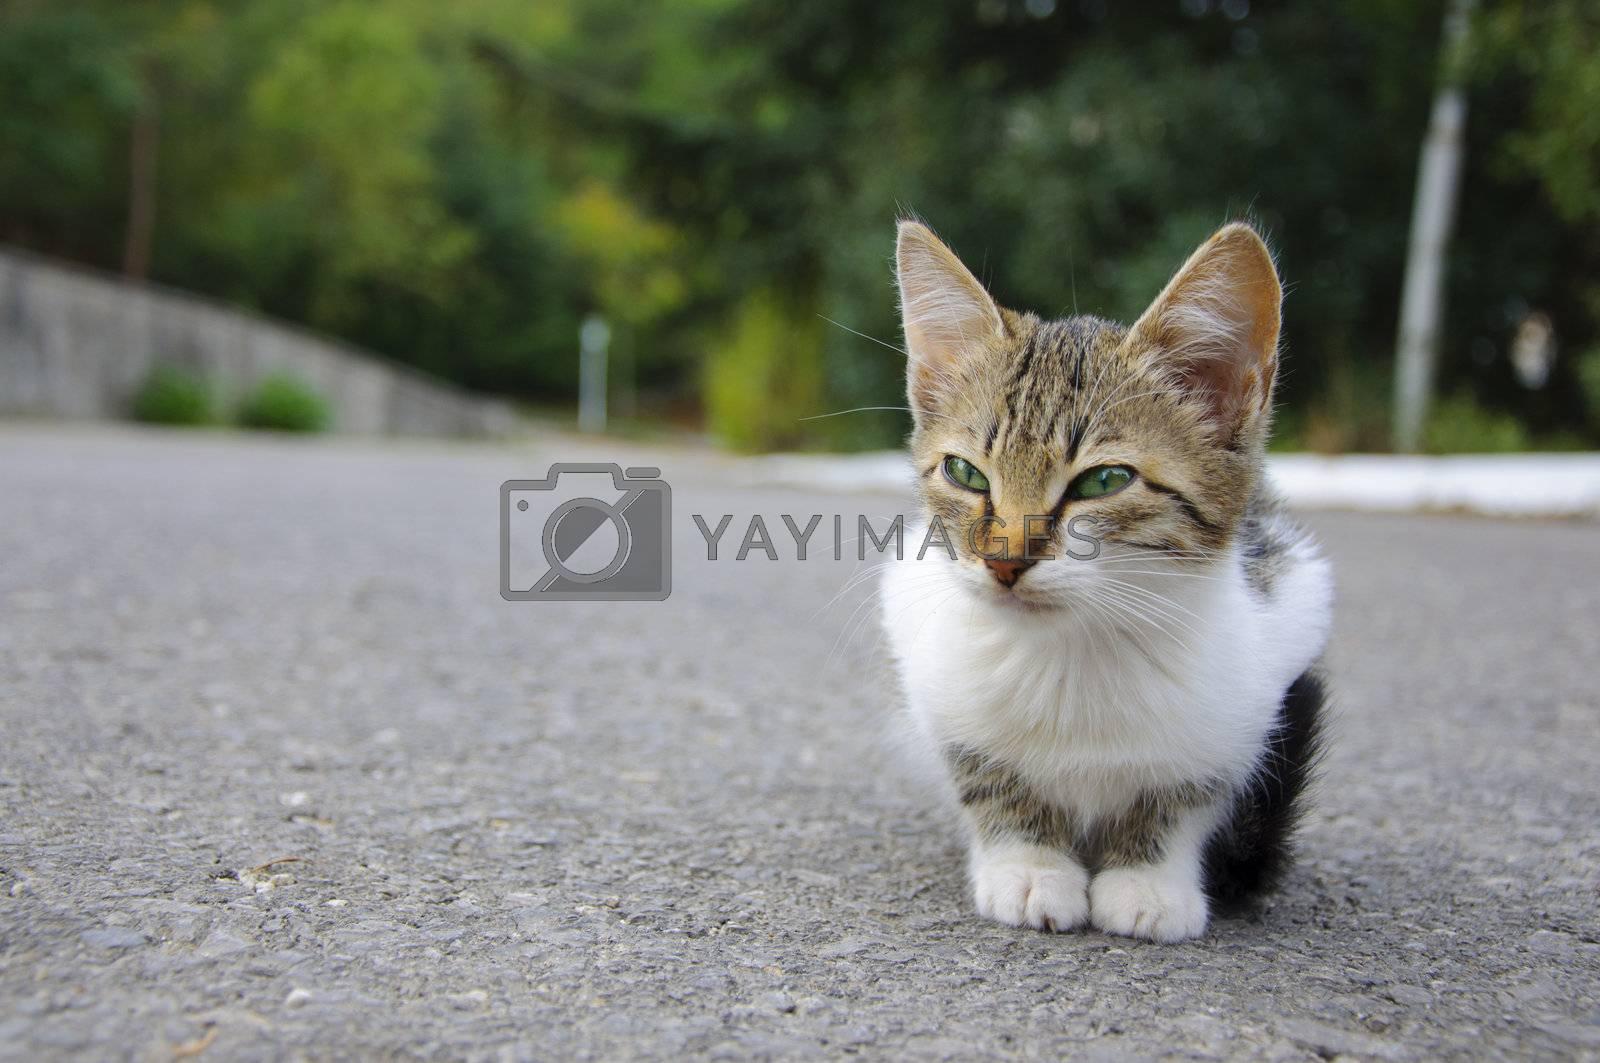 Stray kitten sitting on the ground, it looks sad